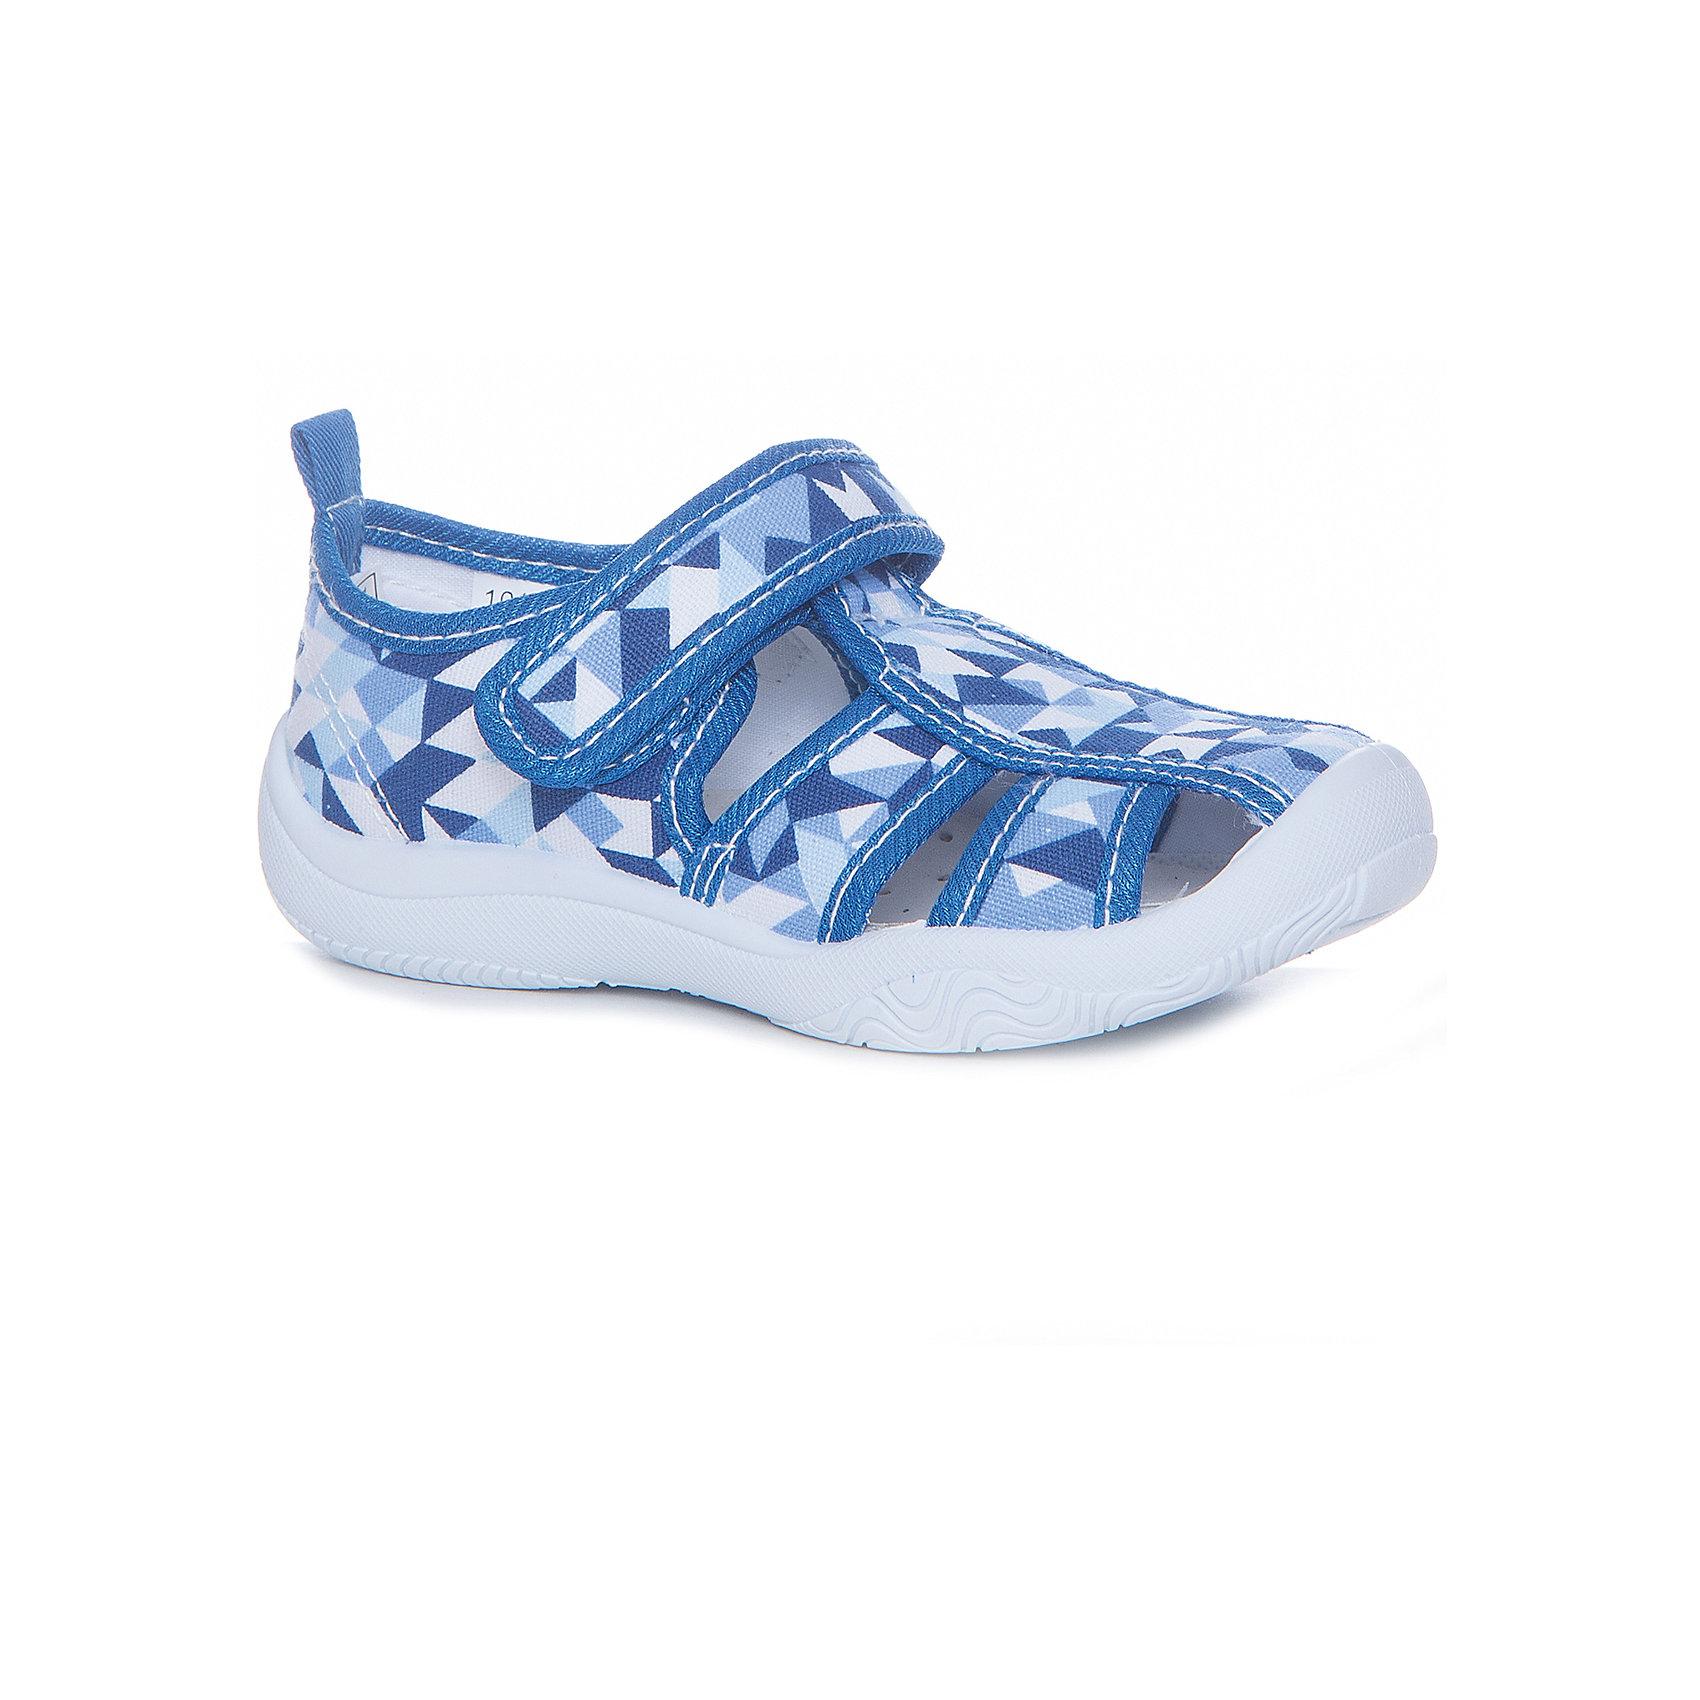 Сандалии для мальчика MURSUОбувь<br>Текстильная обувь для мальчика MURSU<br>Состав: <br>Материал верха: хлопок; Материал подкладки: хлопок; Материал подошвы: ПВХ; Материал стельки: натуральная кожа.<br><br>Ширина мм: 227<br>Глубина мм: 145<br>Высота мм: 124<br>Вес г: 325<br>Цвет: голубой<br>Возраст от месяцев: 9<br>Возраст до месяцев: 12<br>Пол: Мужской<br>Возраст: Детский<br>Размер: 20,21,25,24,23,22<br>SKU: 5325723